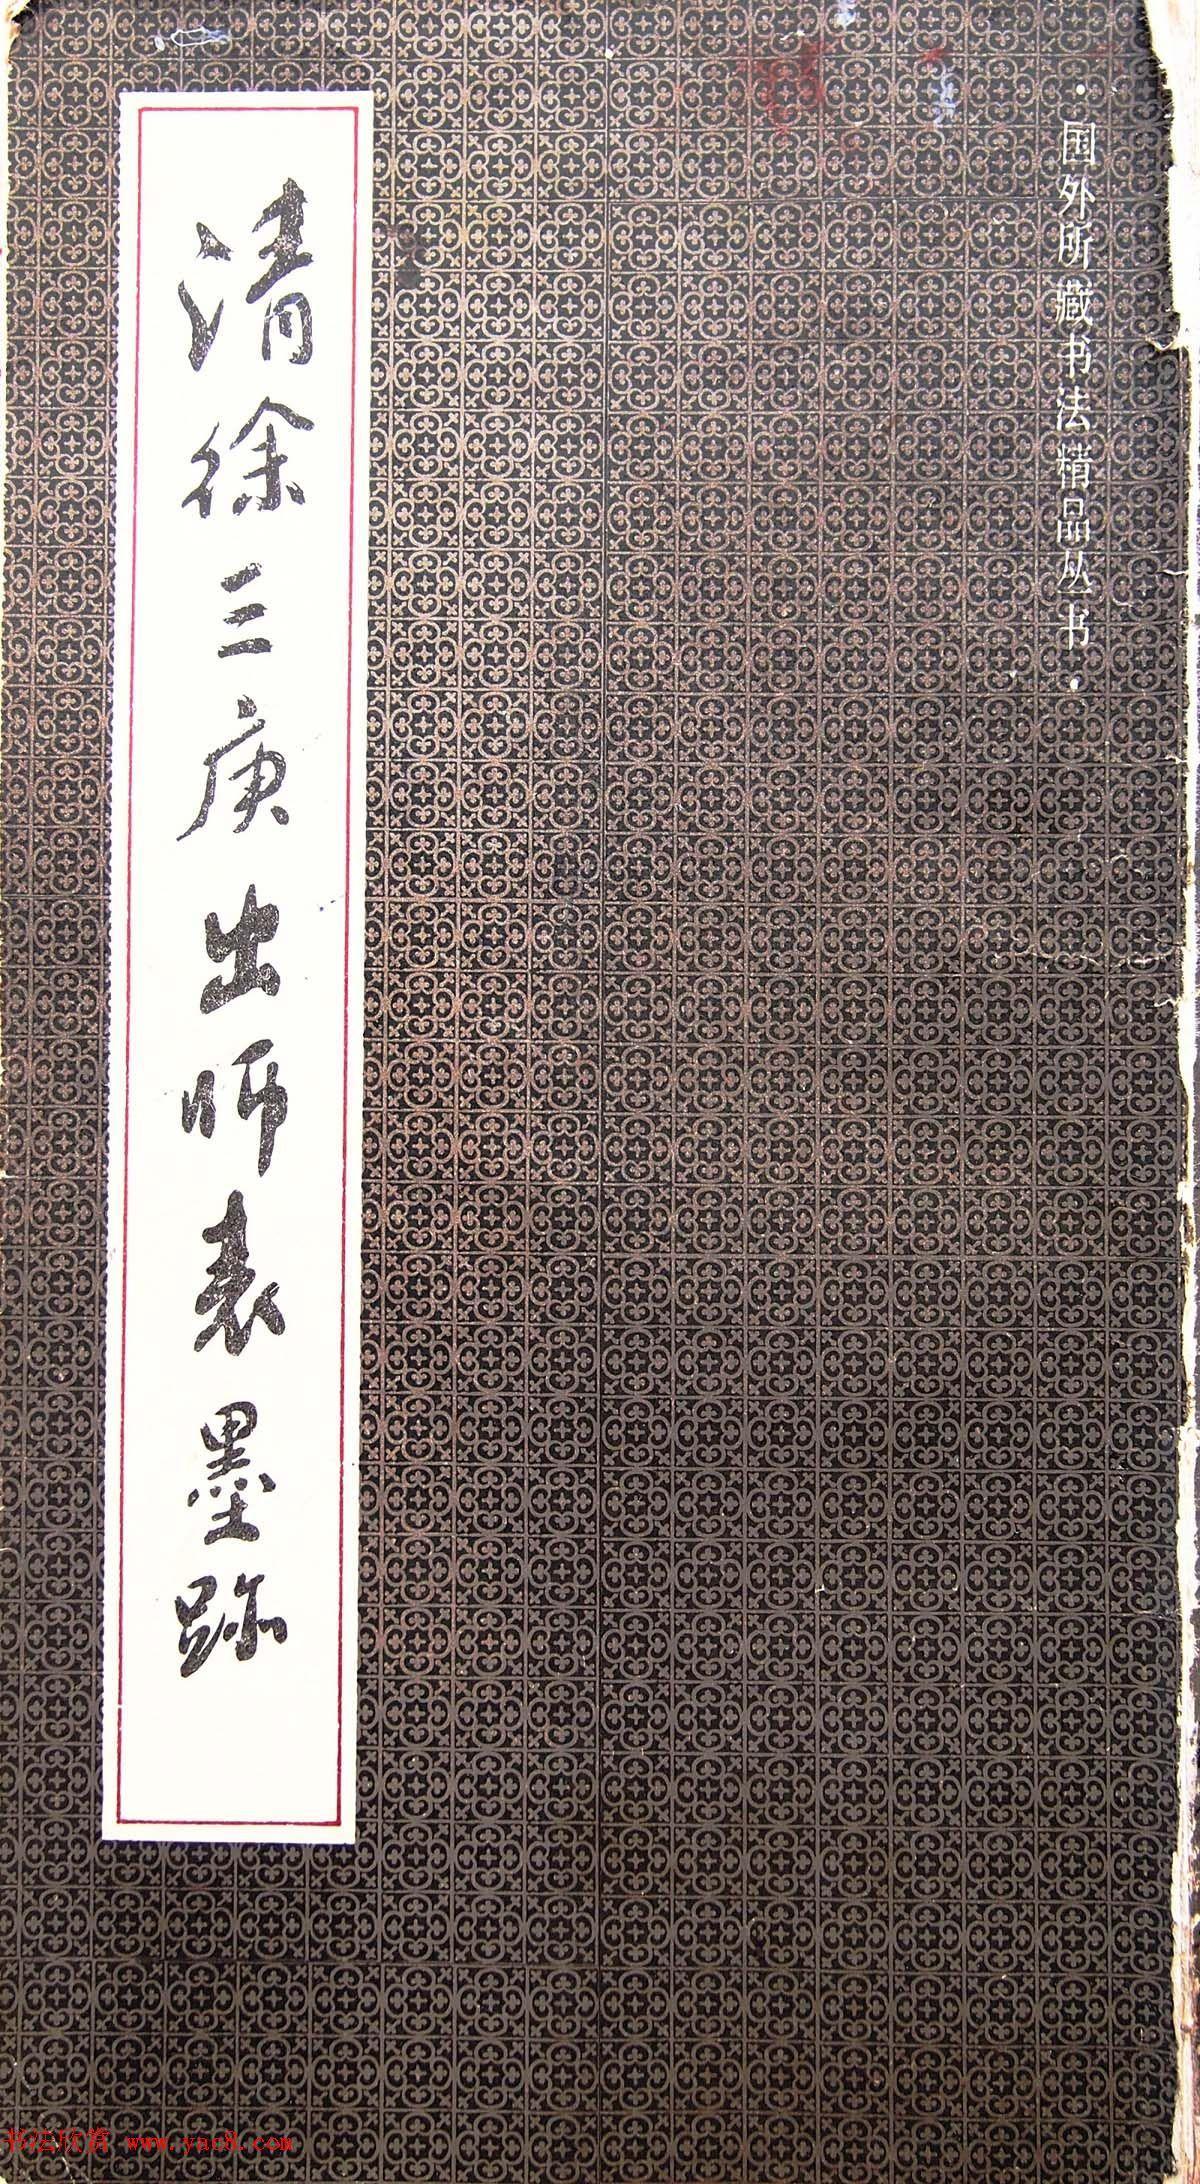 学习篆书的最好范本《清徐三庚出师表墨迹》